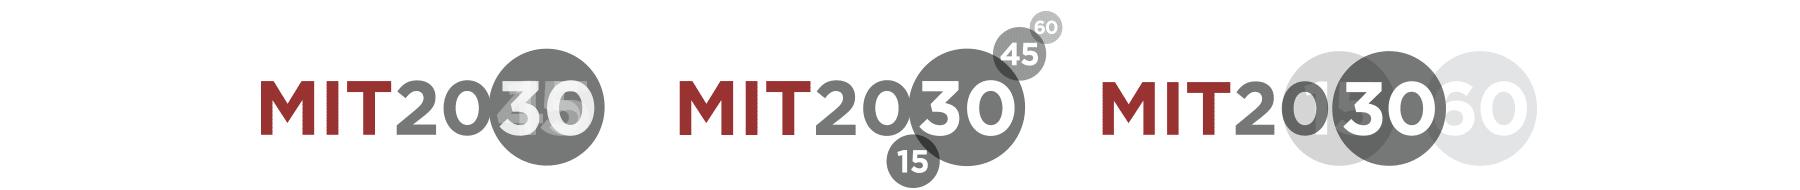 MIT 2030 logos